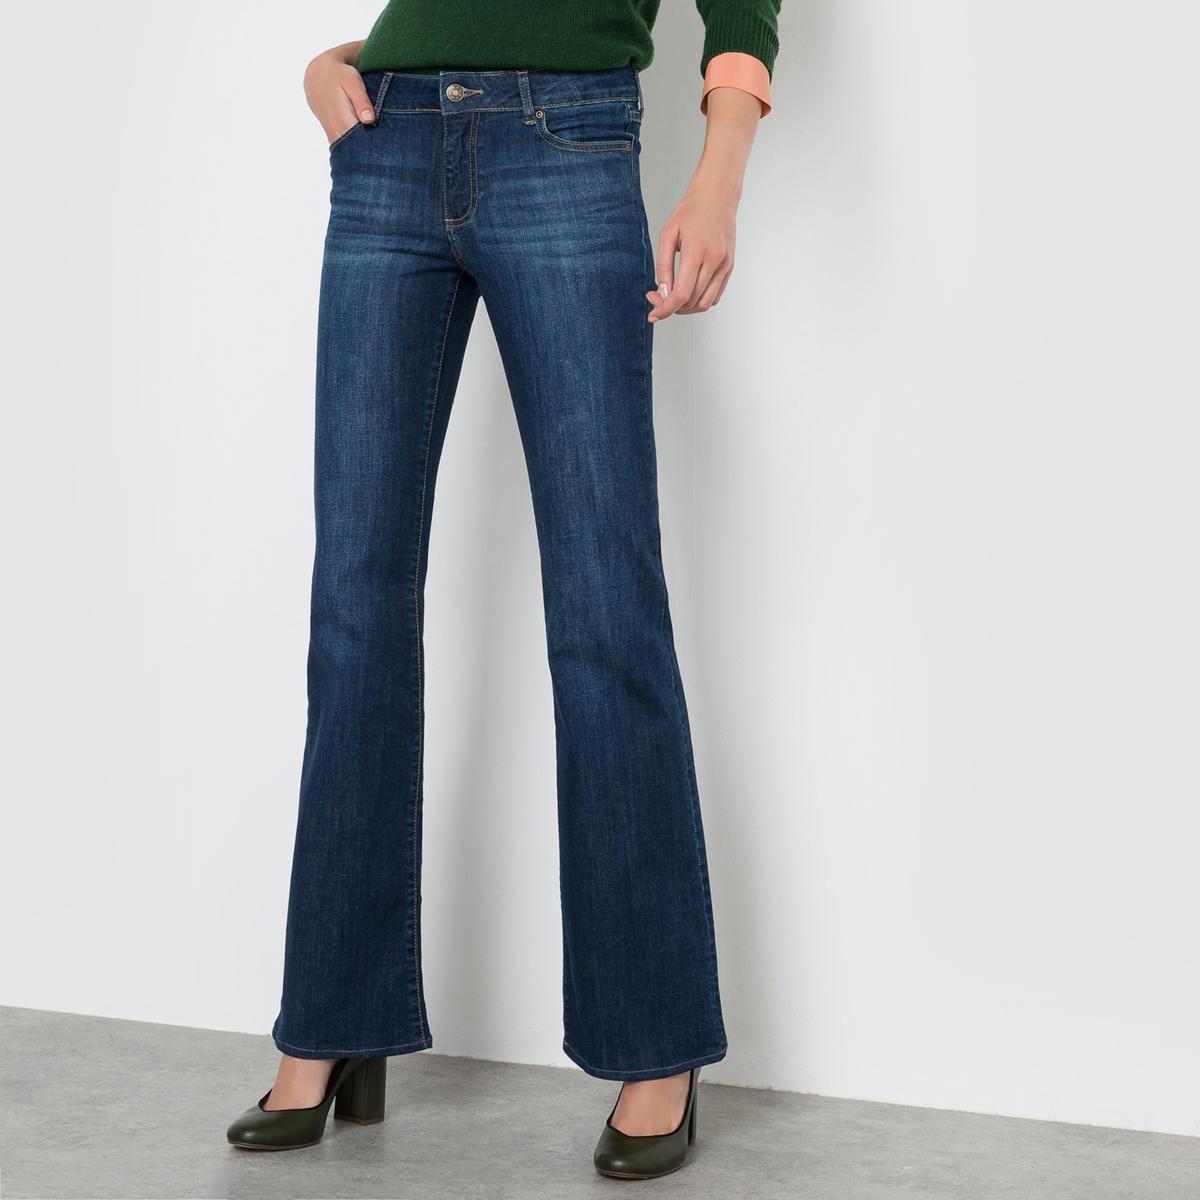 Джинсы расклешенные, длина 34Расклешенные джинсы со станлдартной высотой пояса. Расклешенный покрой. Прямой покрой до середины бедра, далее брючины расширяются книзу. Деним стретч, 98% хлопка, 2% эластана. Застежка на молнию. Длина по внутр.шву 86 см (на рост от 168 см). Длина 34, ширина по низу 27 cм.Состав и описаниеМатериал: Деним стретч, 98% хлопка, 2% эластанаМарка:                                     R essentiel.Размер:   Длина по внутр.шву 85 см, ширина по низу 27 cм.УходСтирать на умеренном режиме с изнанки,с вещами схожих цветов.Сушка:  машинная при умеренной температуре.Утюжка: Гладить на низкой температуре.<br><br>Цвет: голубой потертый,темно-синий<br>Размер: 25 (US) - 40/42 (RUS).26 (US) - 42 (RUS).29 (US) - 44/46 (RUS).28 (US) - 44 (RUS)